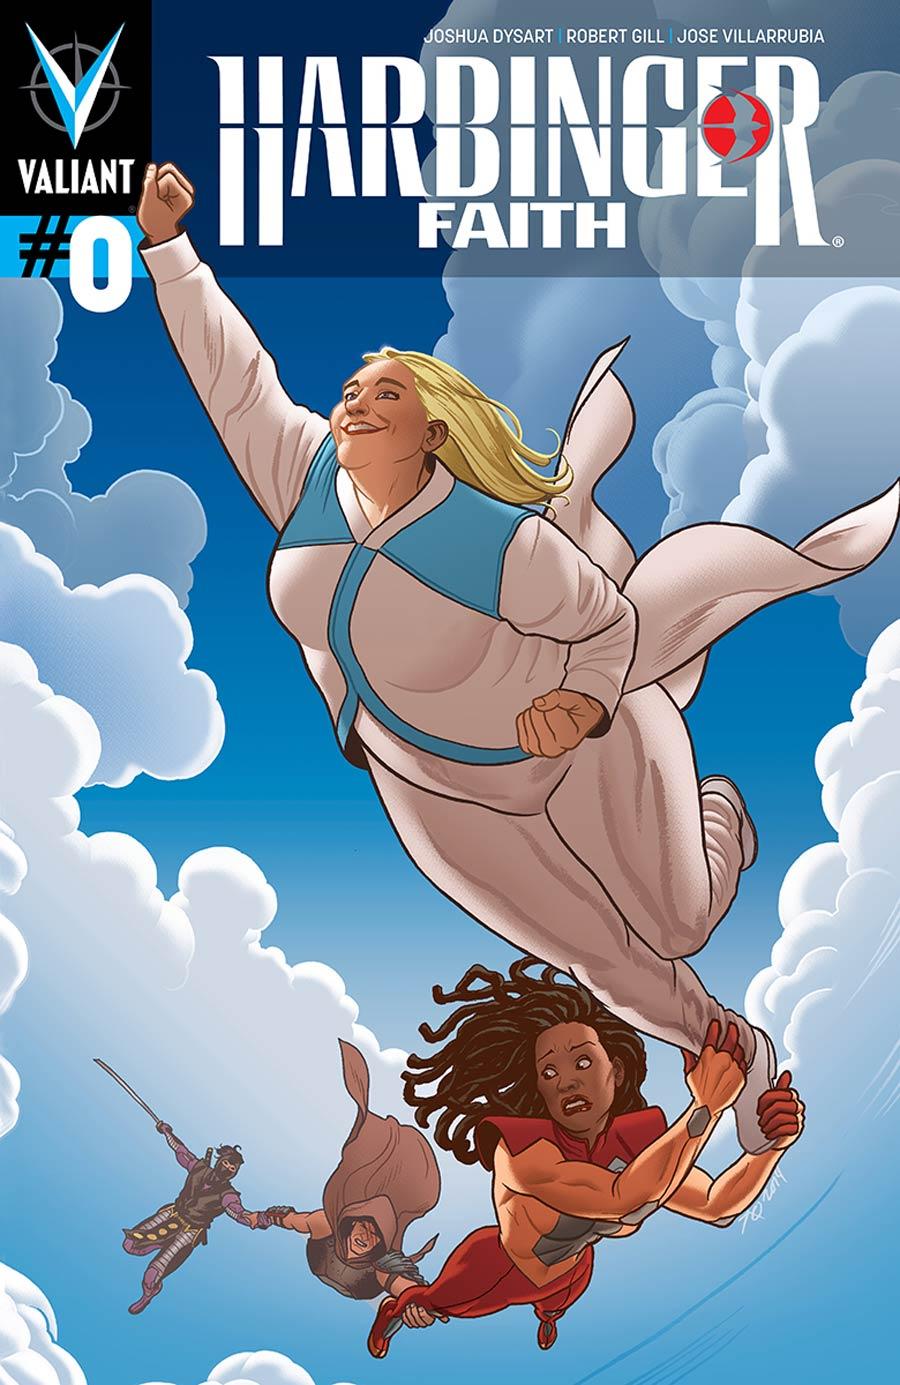 Harbinger Vol 2 Faith #0 Cover A Regular Joe Quinones Cover